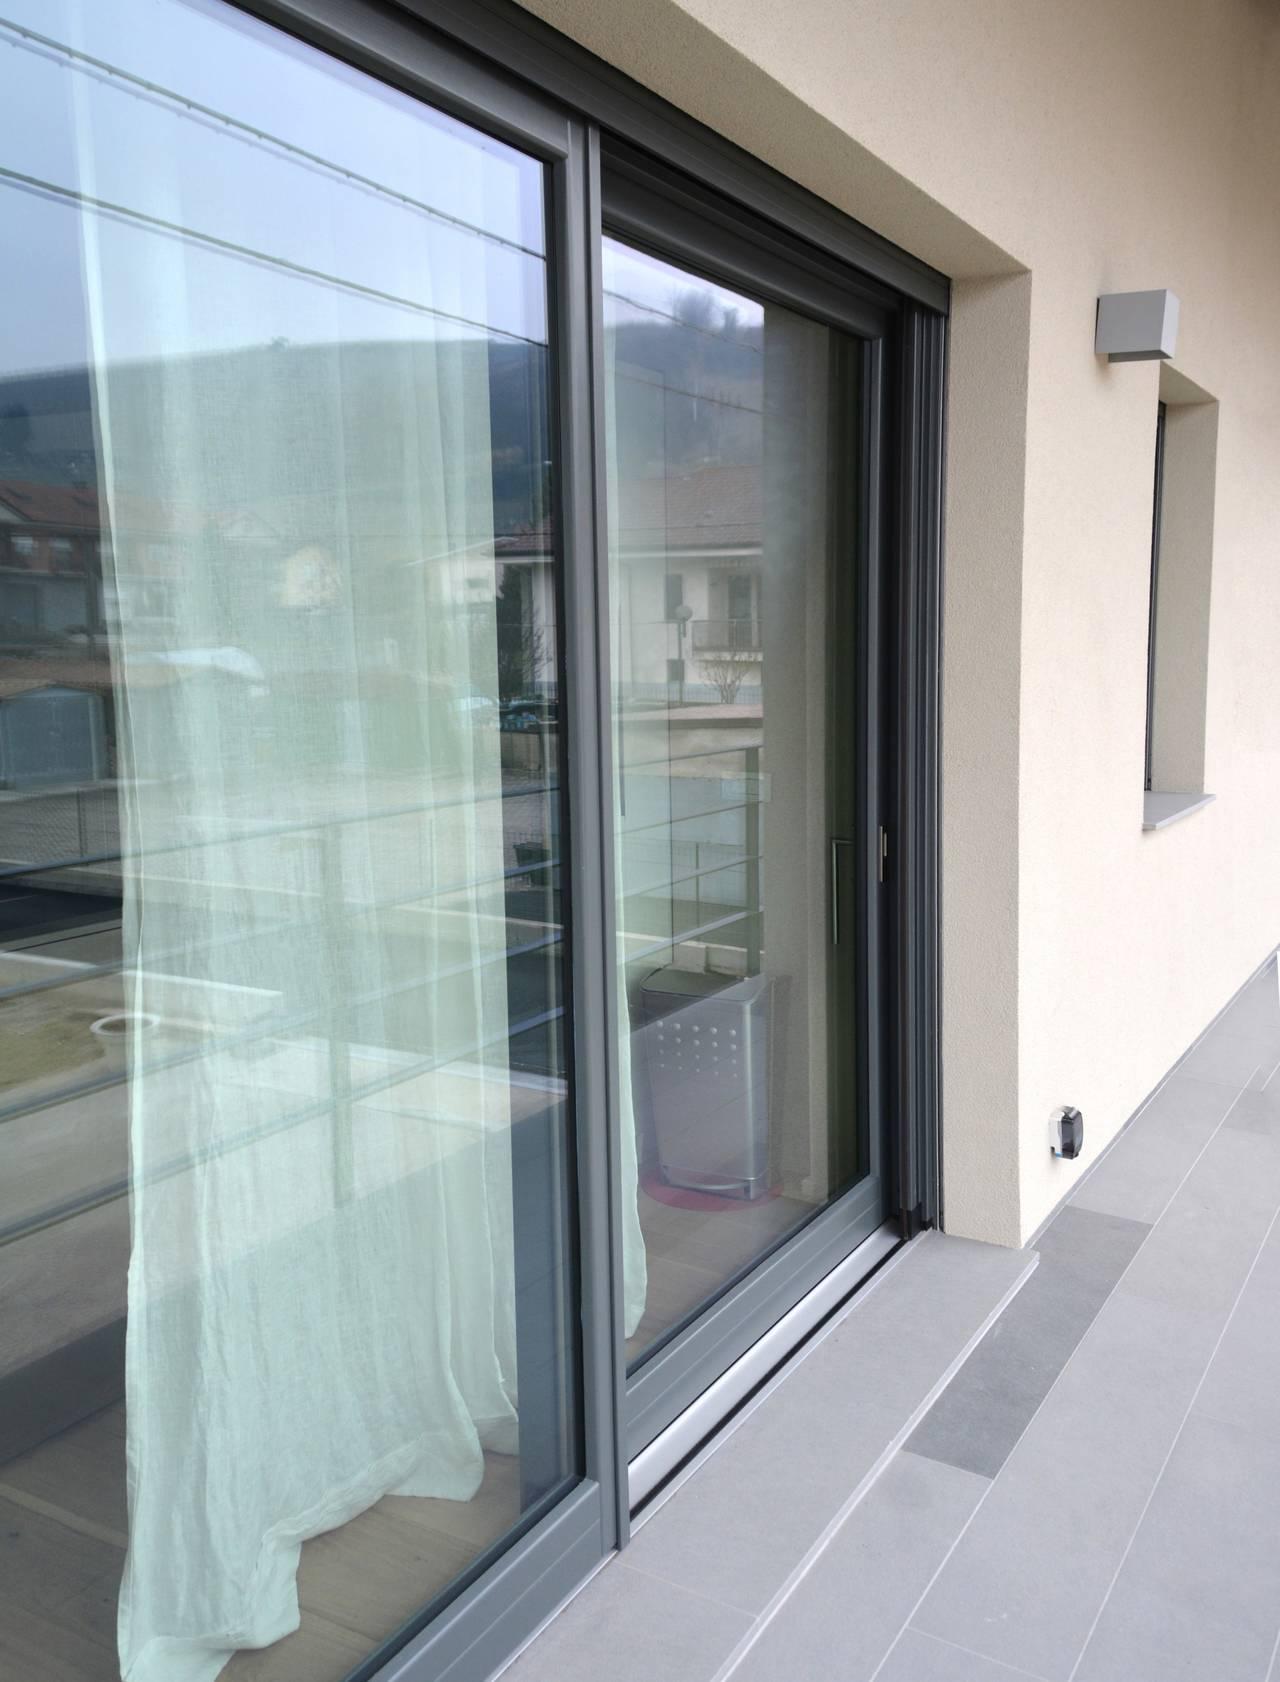 Oceano 2 0 le finestre navello ancora pi isolanti - Costruire una finestra in alluminio ...